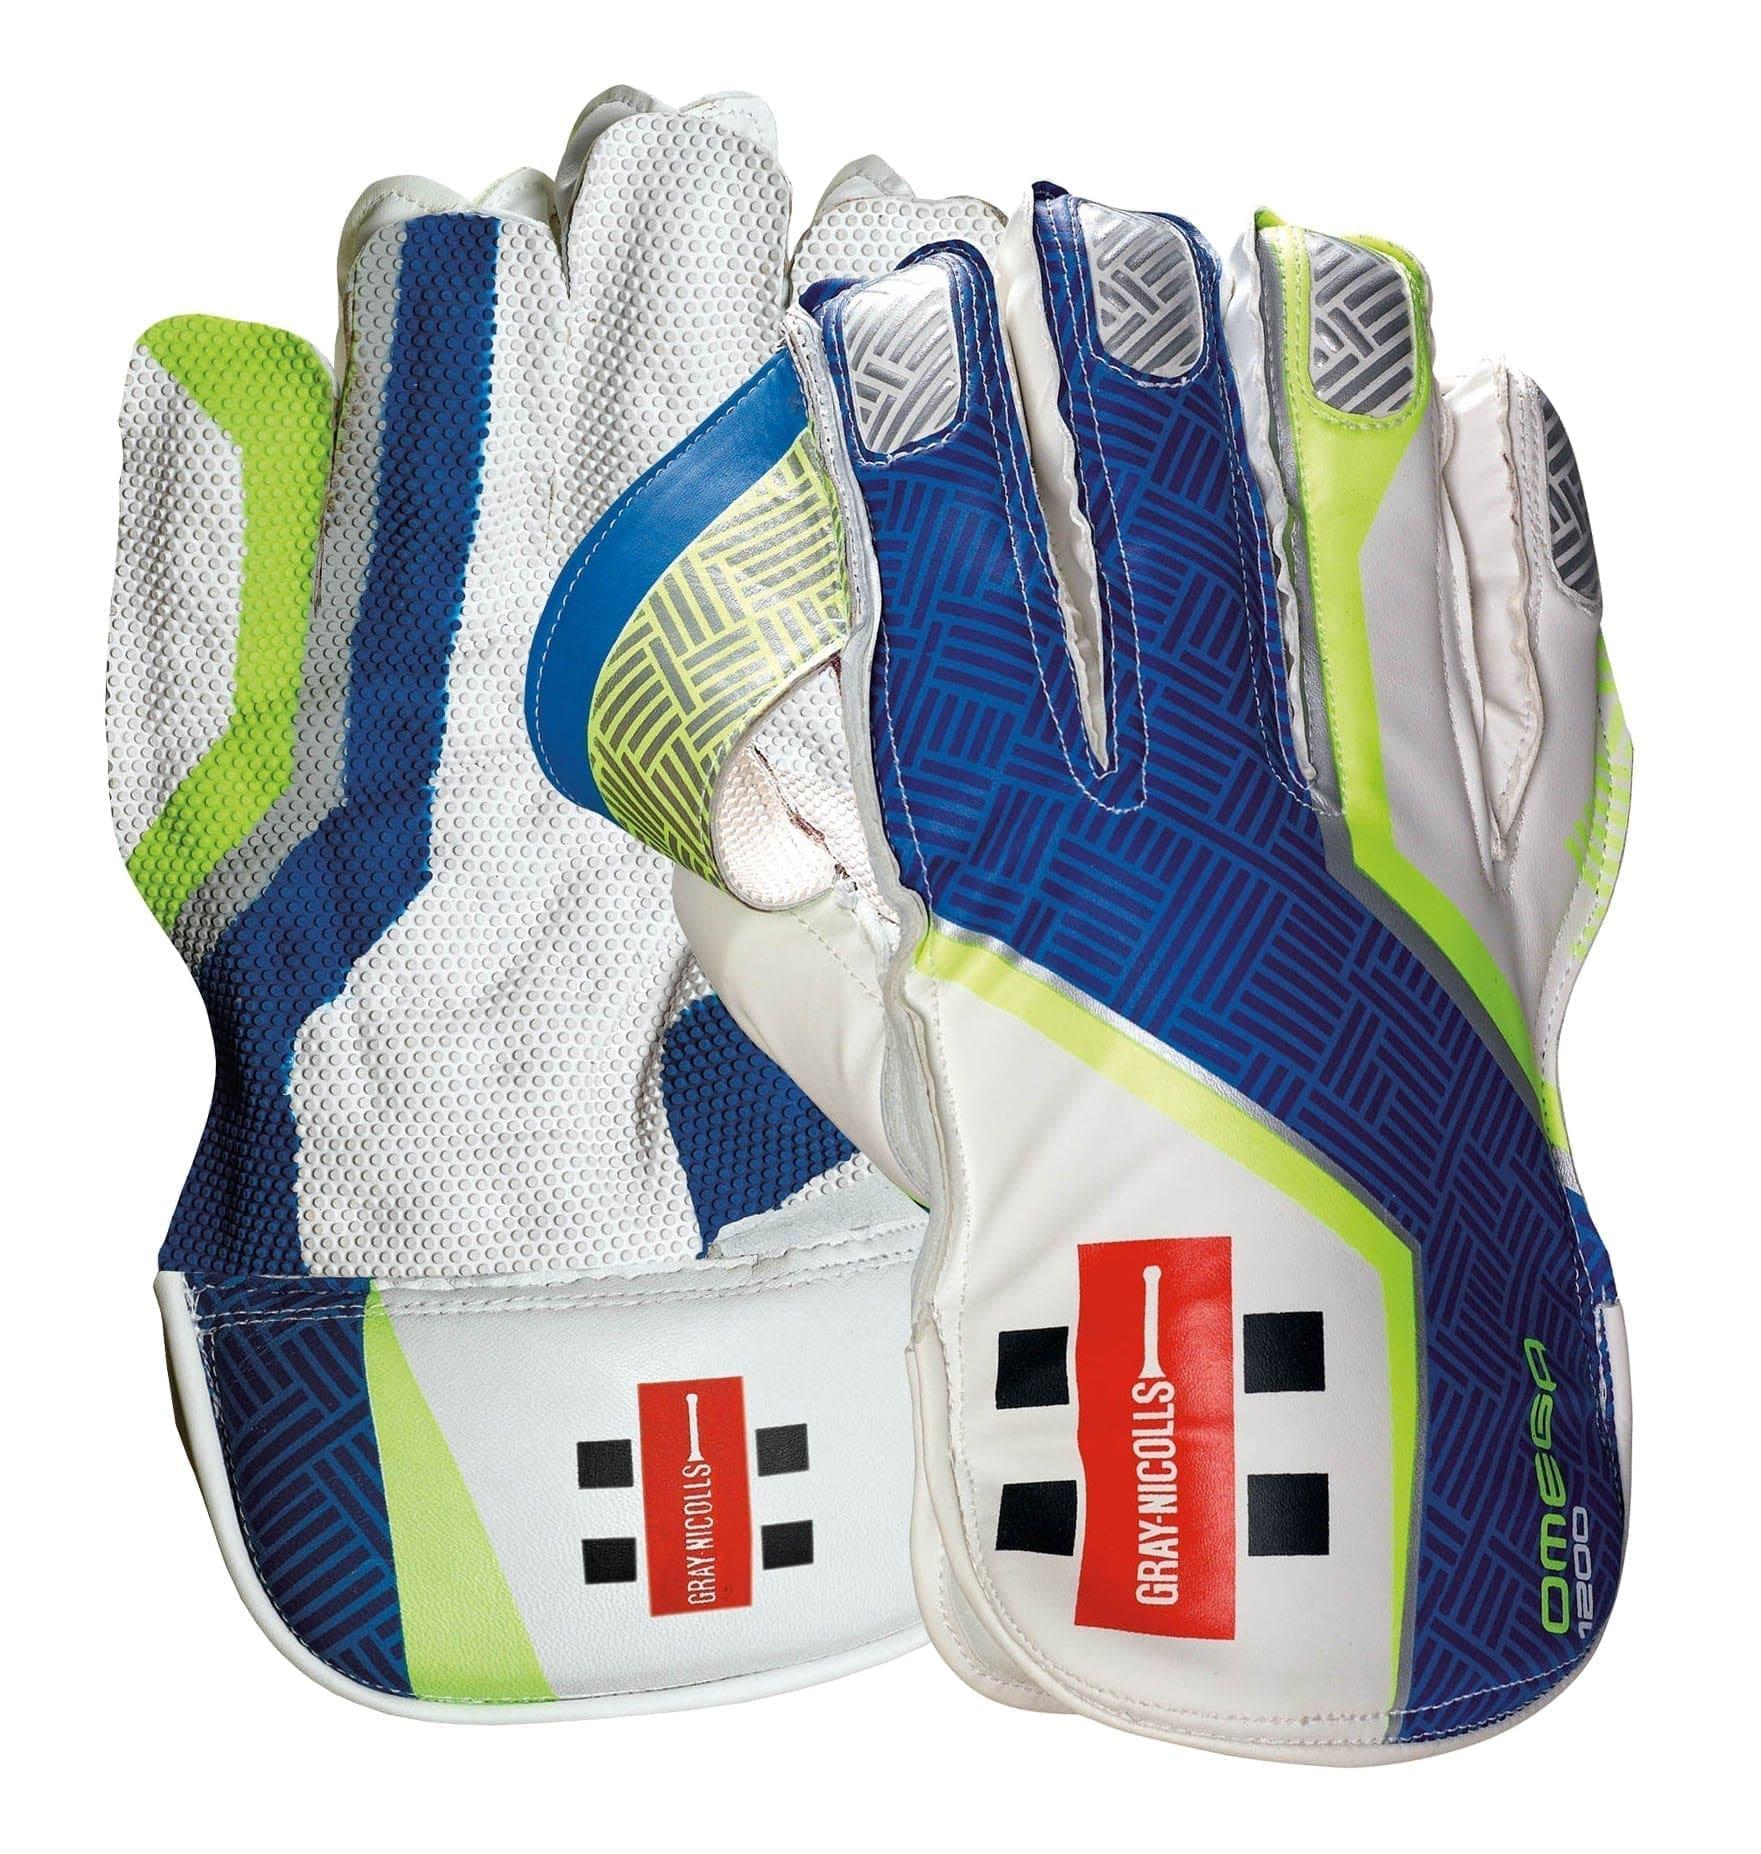 Sport Gloves Omega Price: Gray-Nicolls Omega 1200 WK Gloves